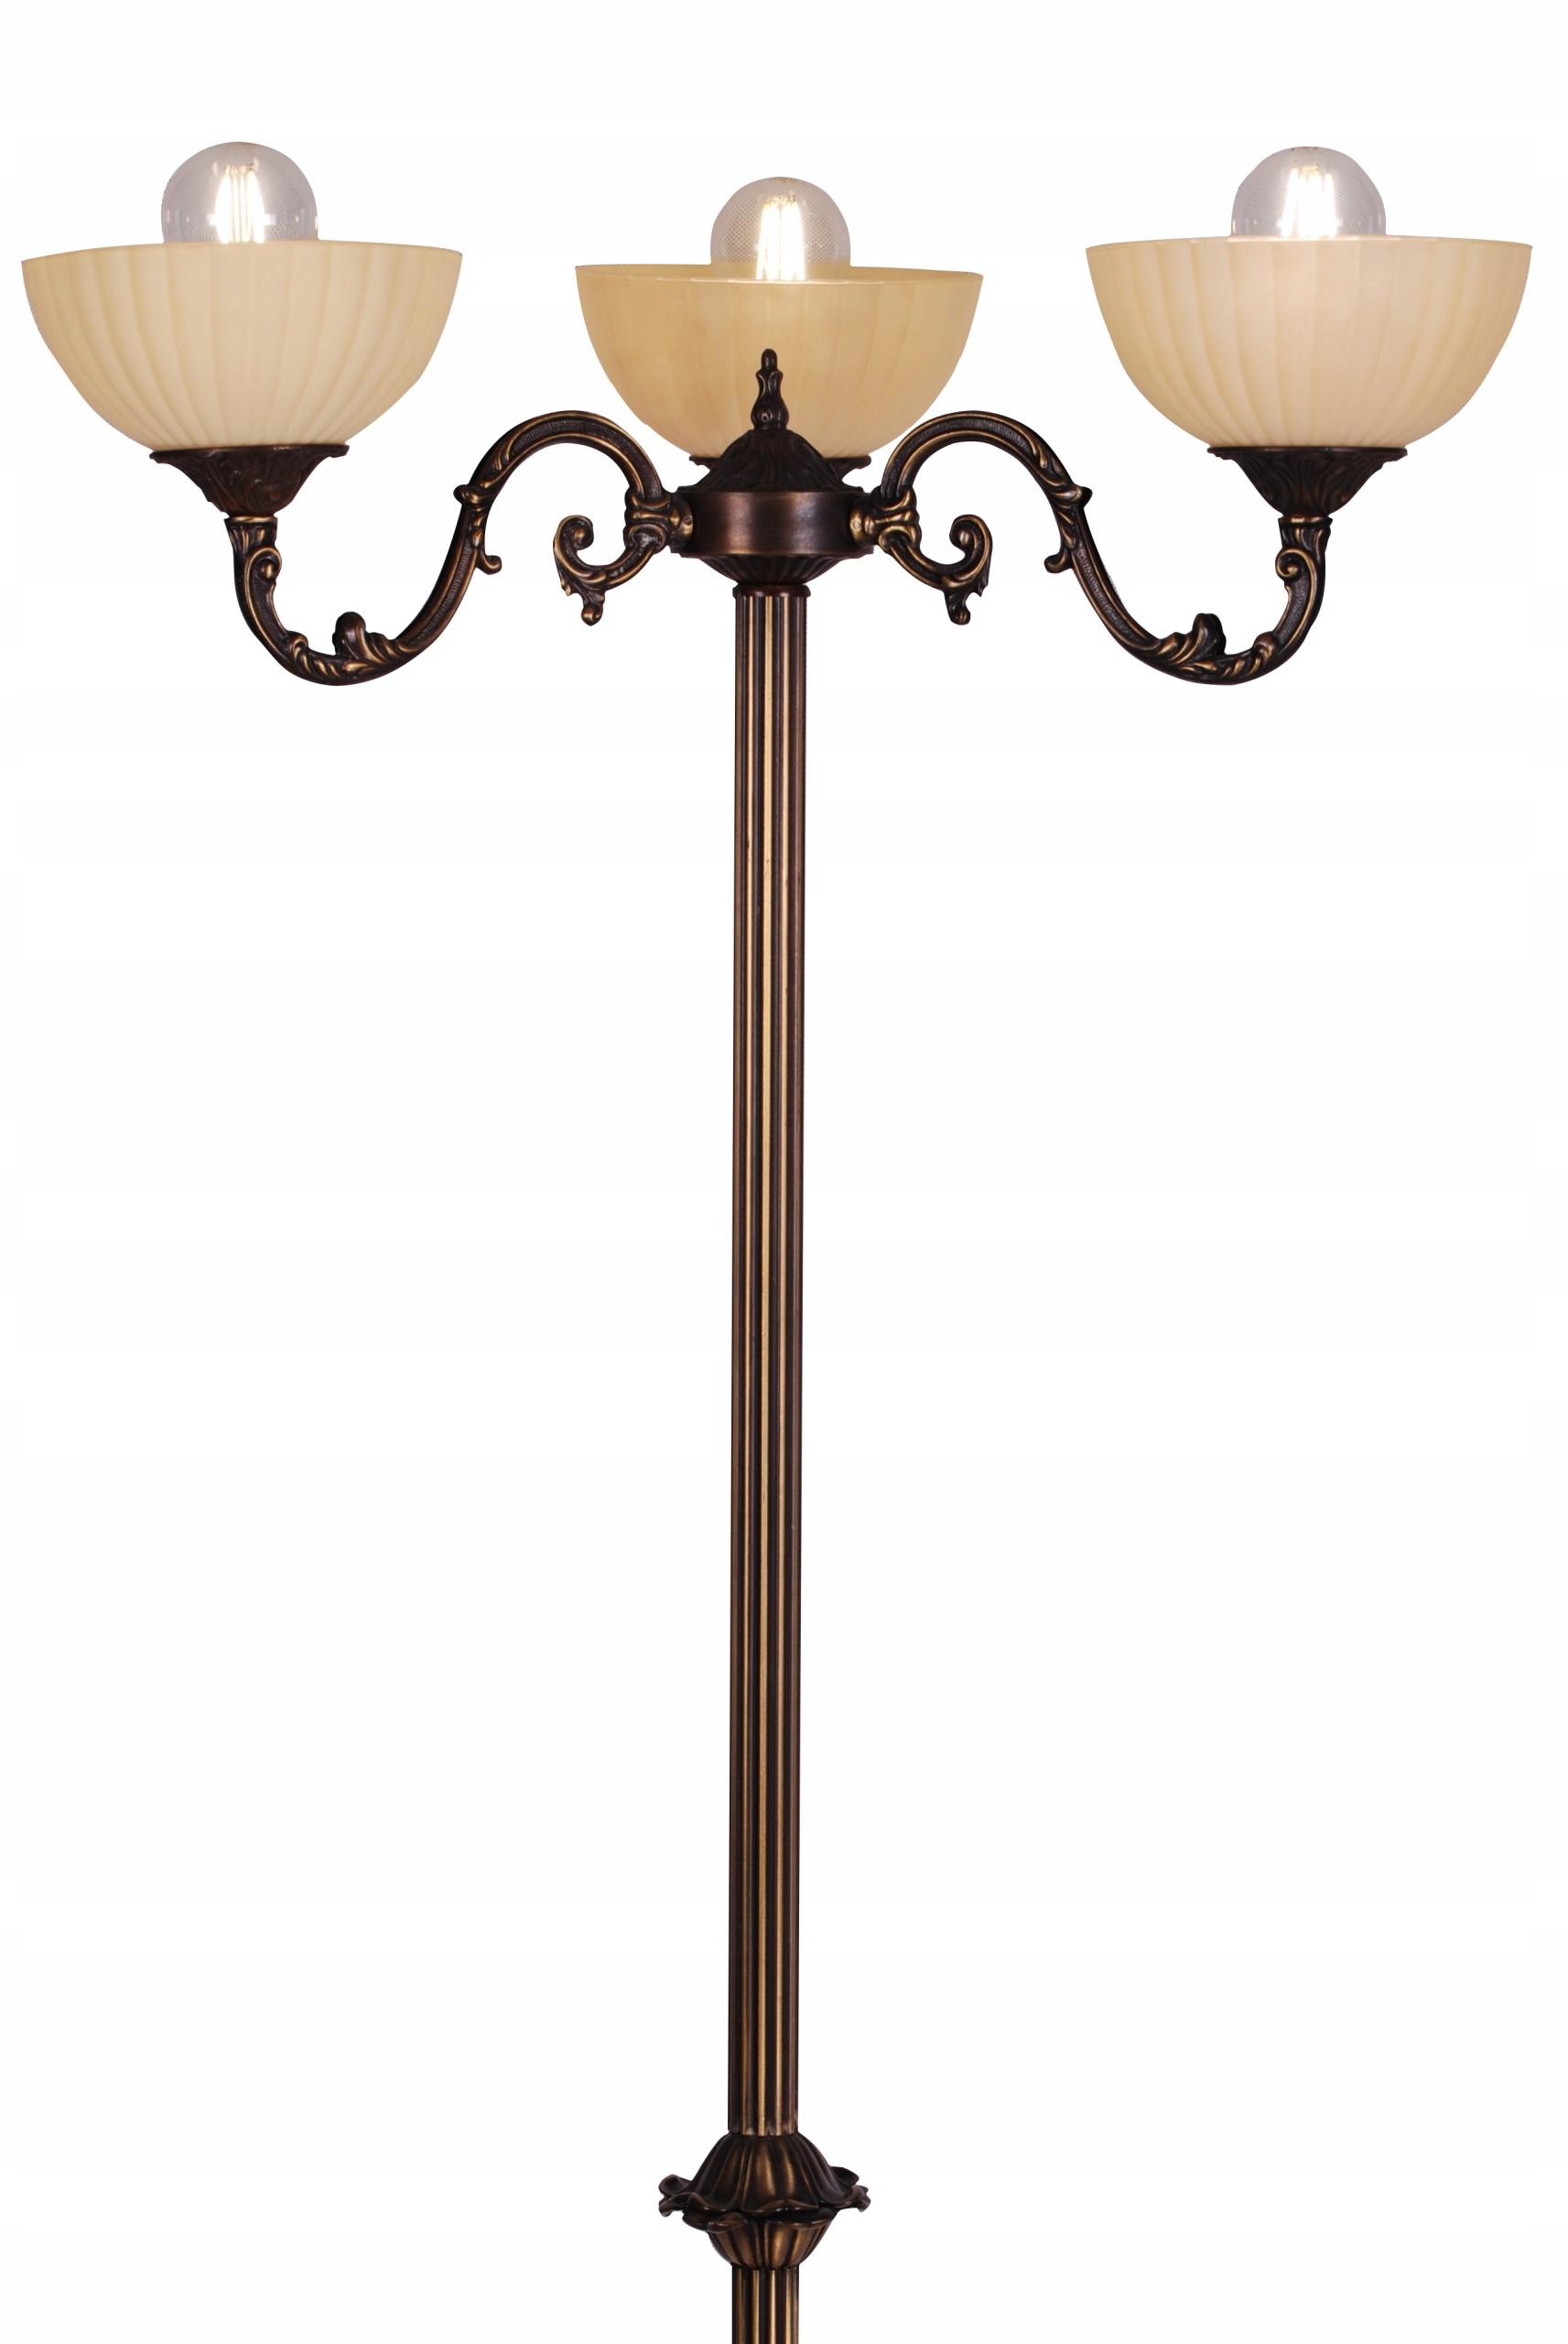 Vintage stojaca lampa zdobená patinou